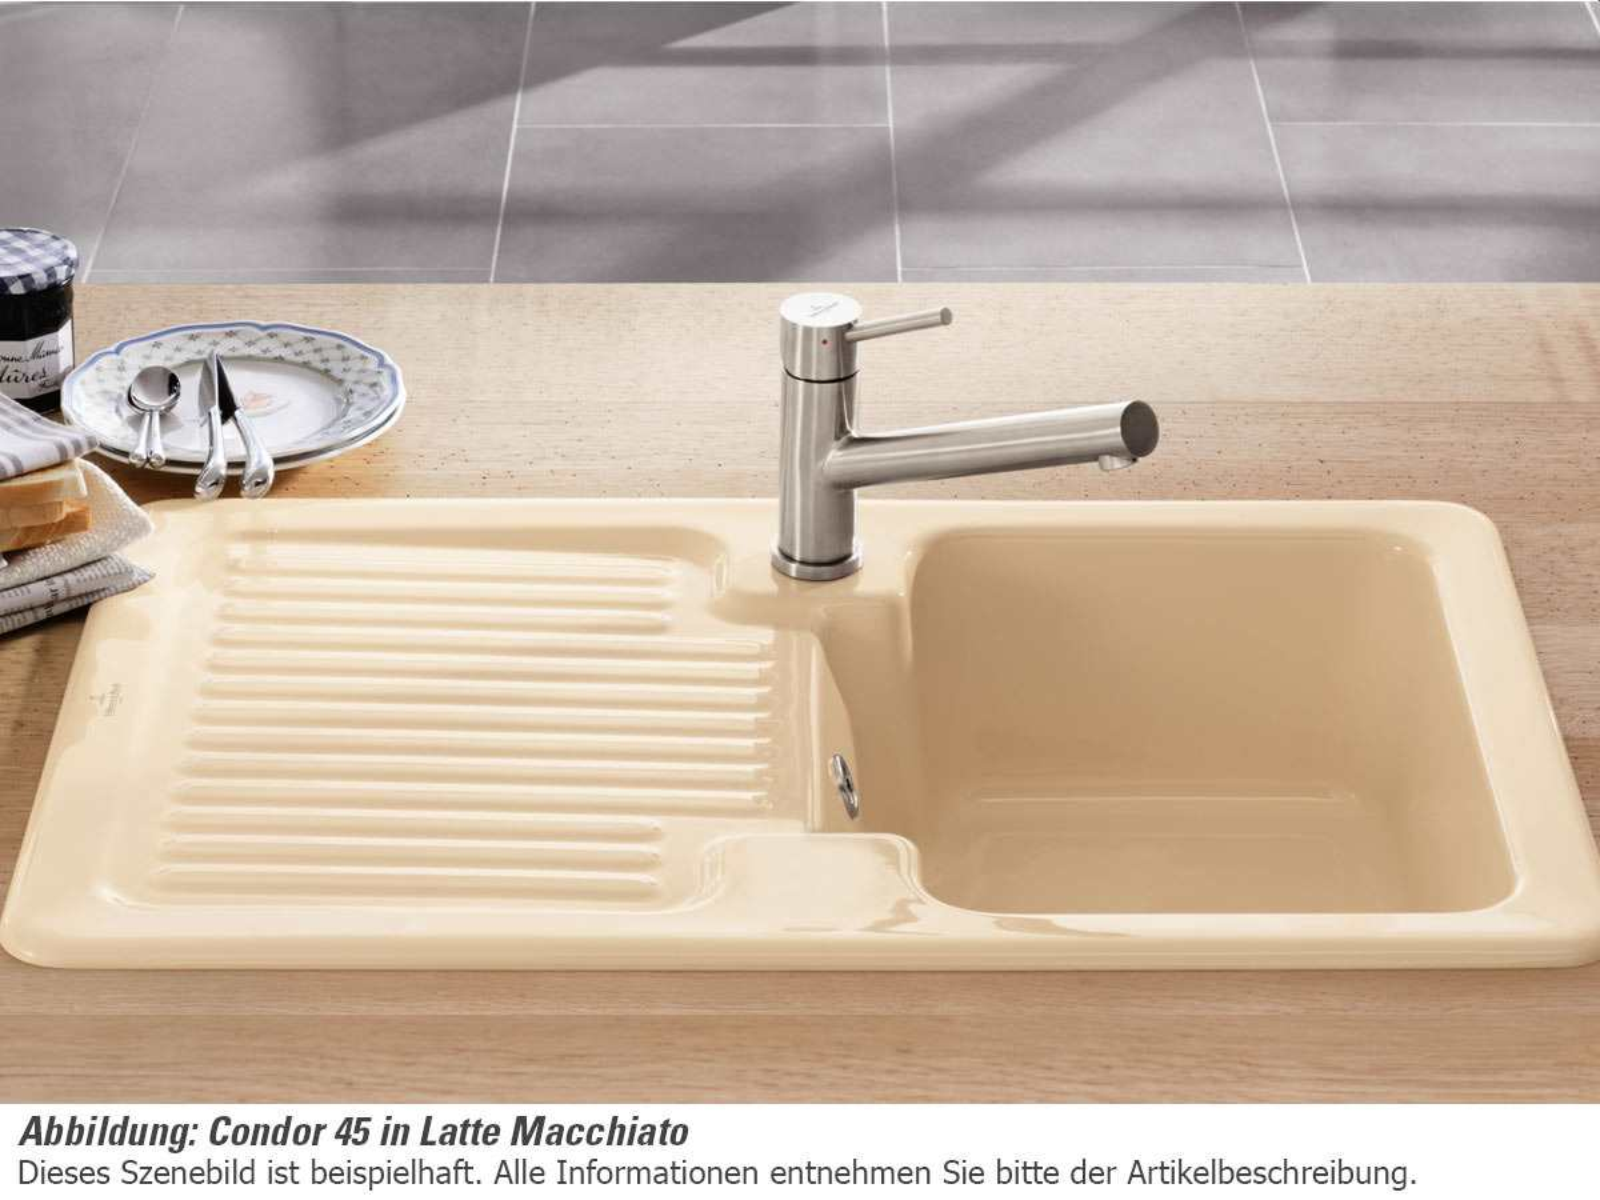 Villeroy & Boch Condor 45 Steam - 6745 01 SM Keramikspüle Handbetätigung